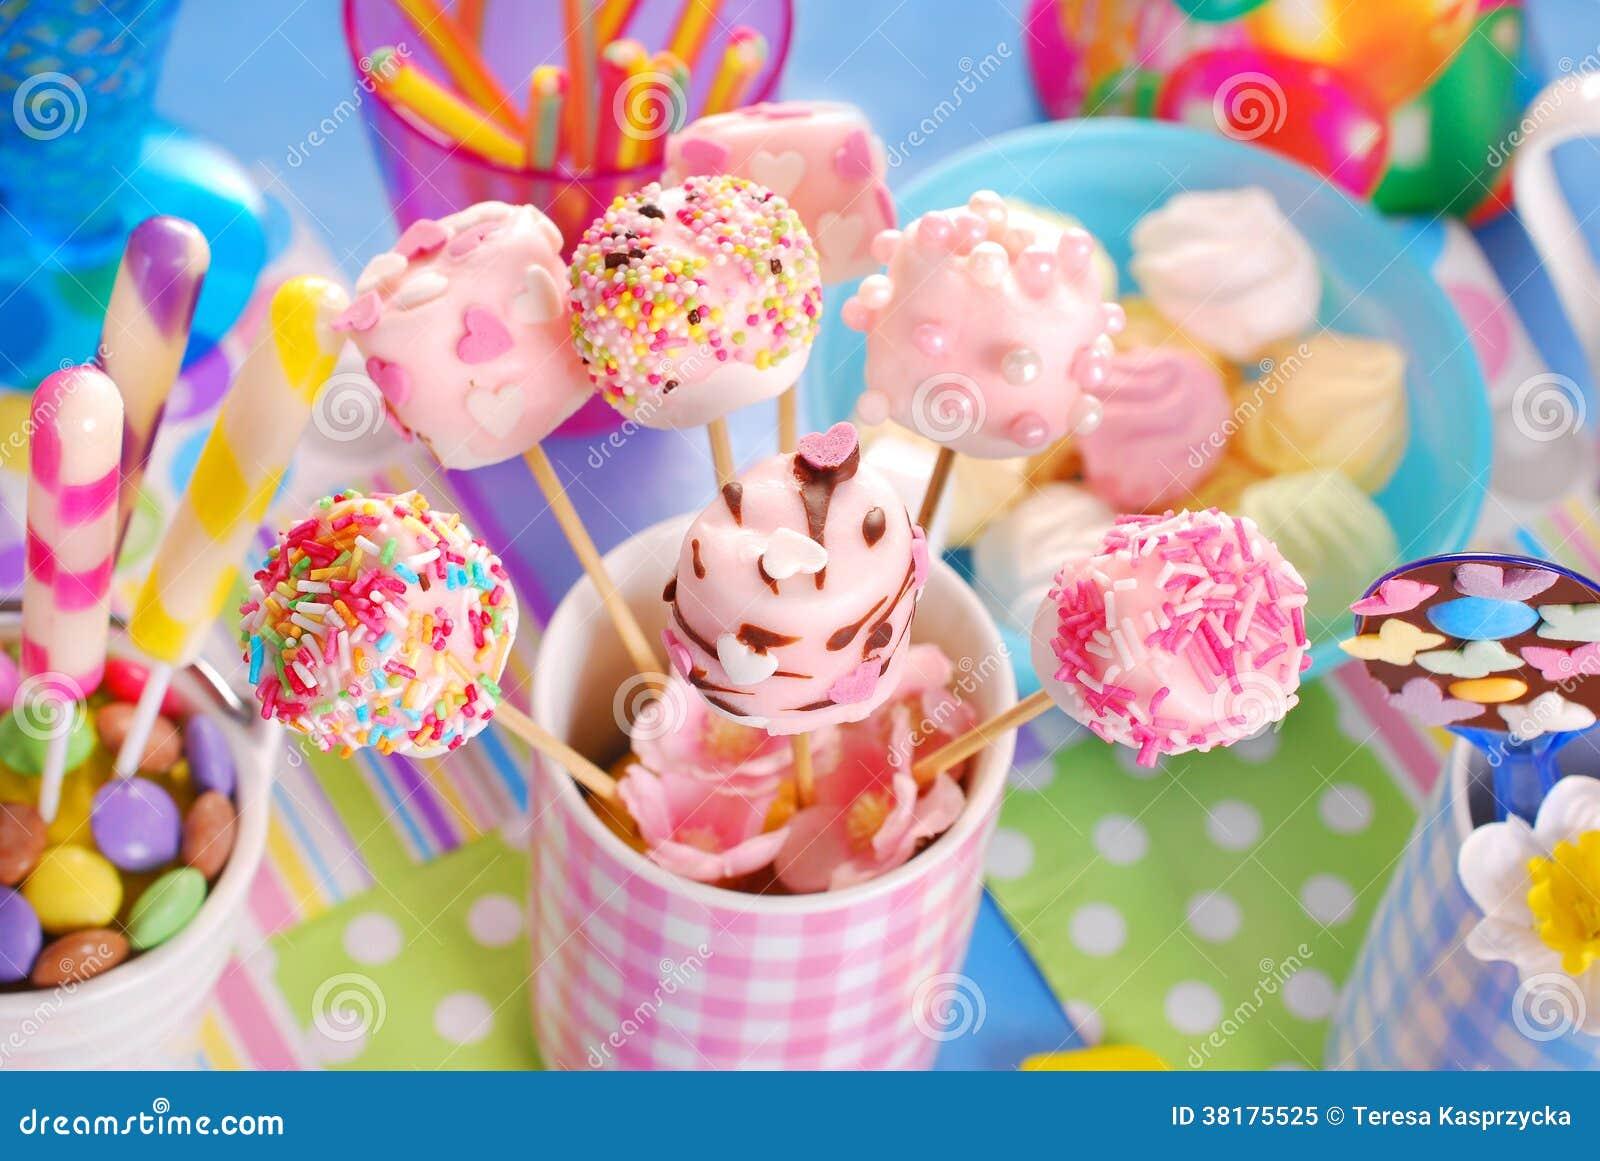 De lijst van de verjaardagspartij met heemst knalt en andere snoepjes voor